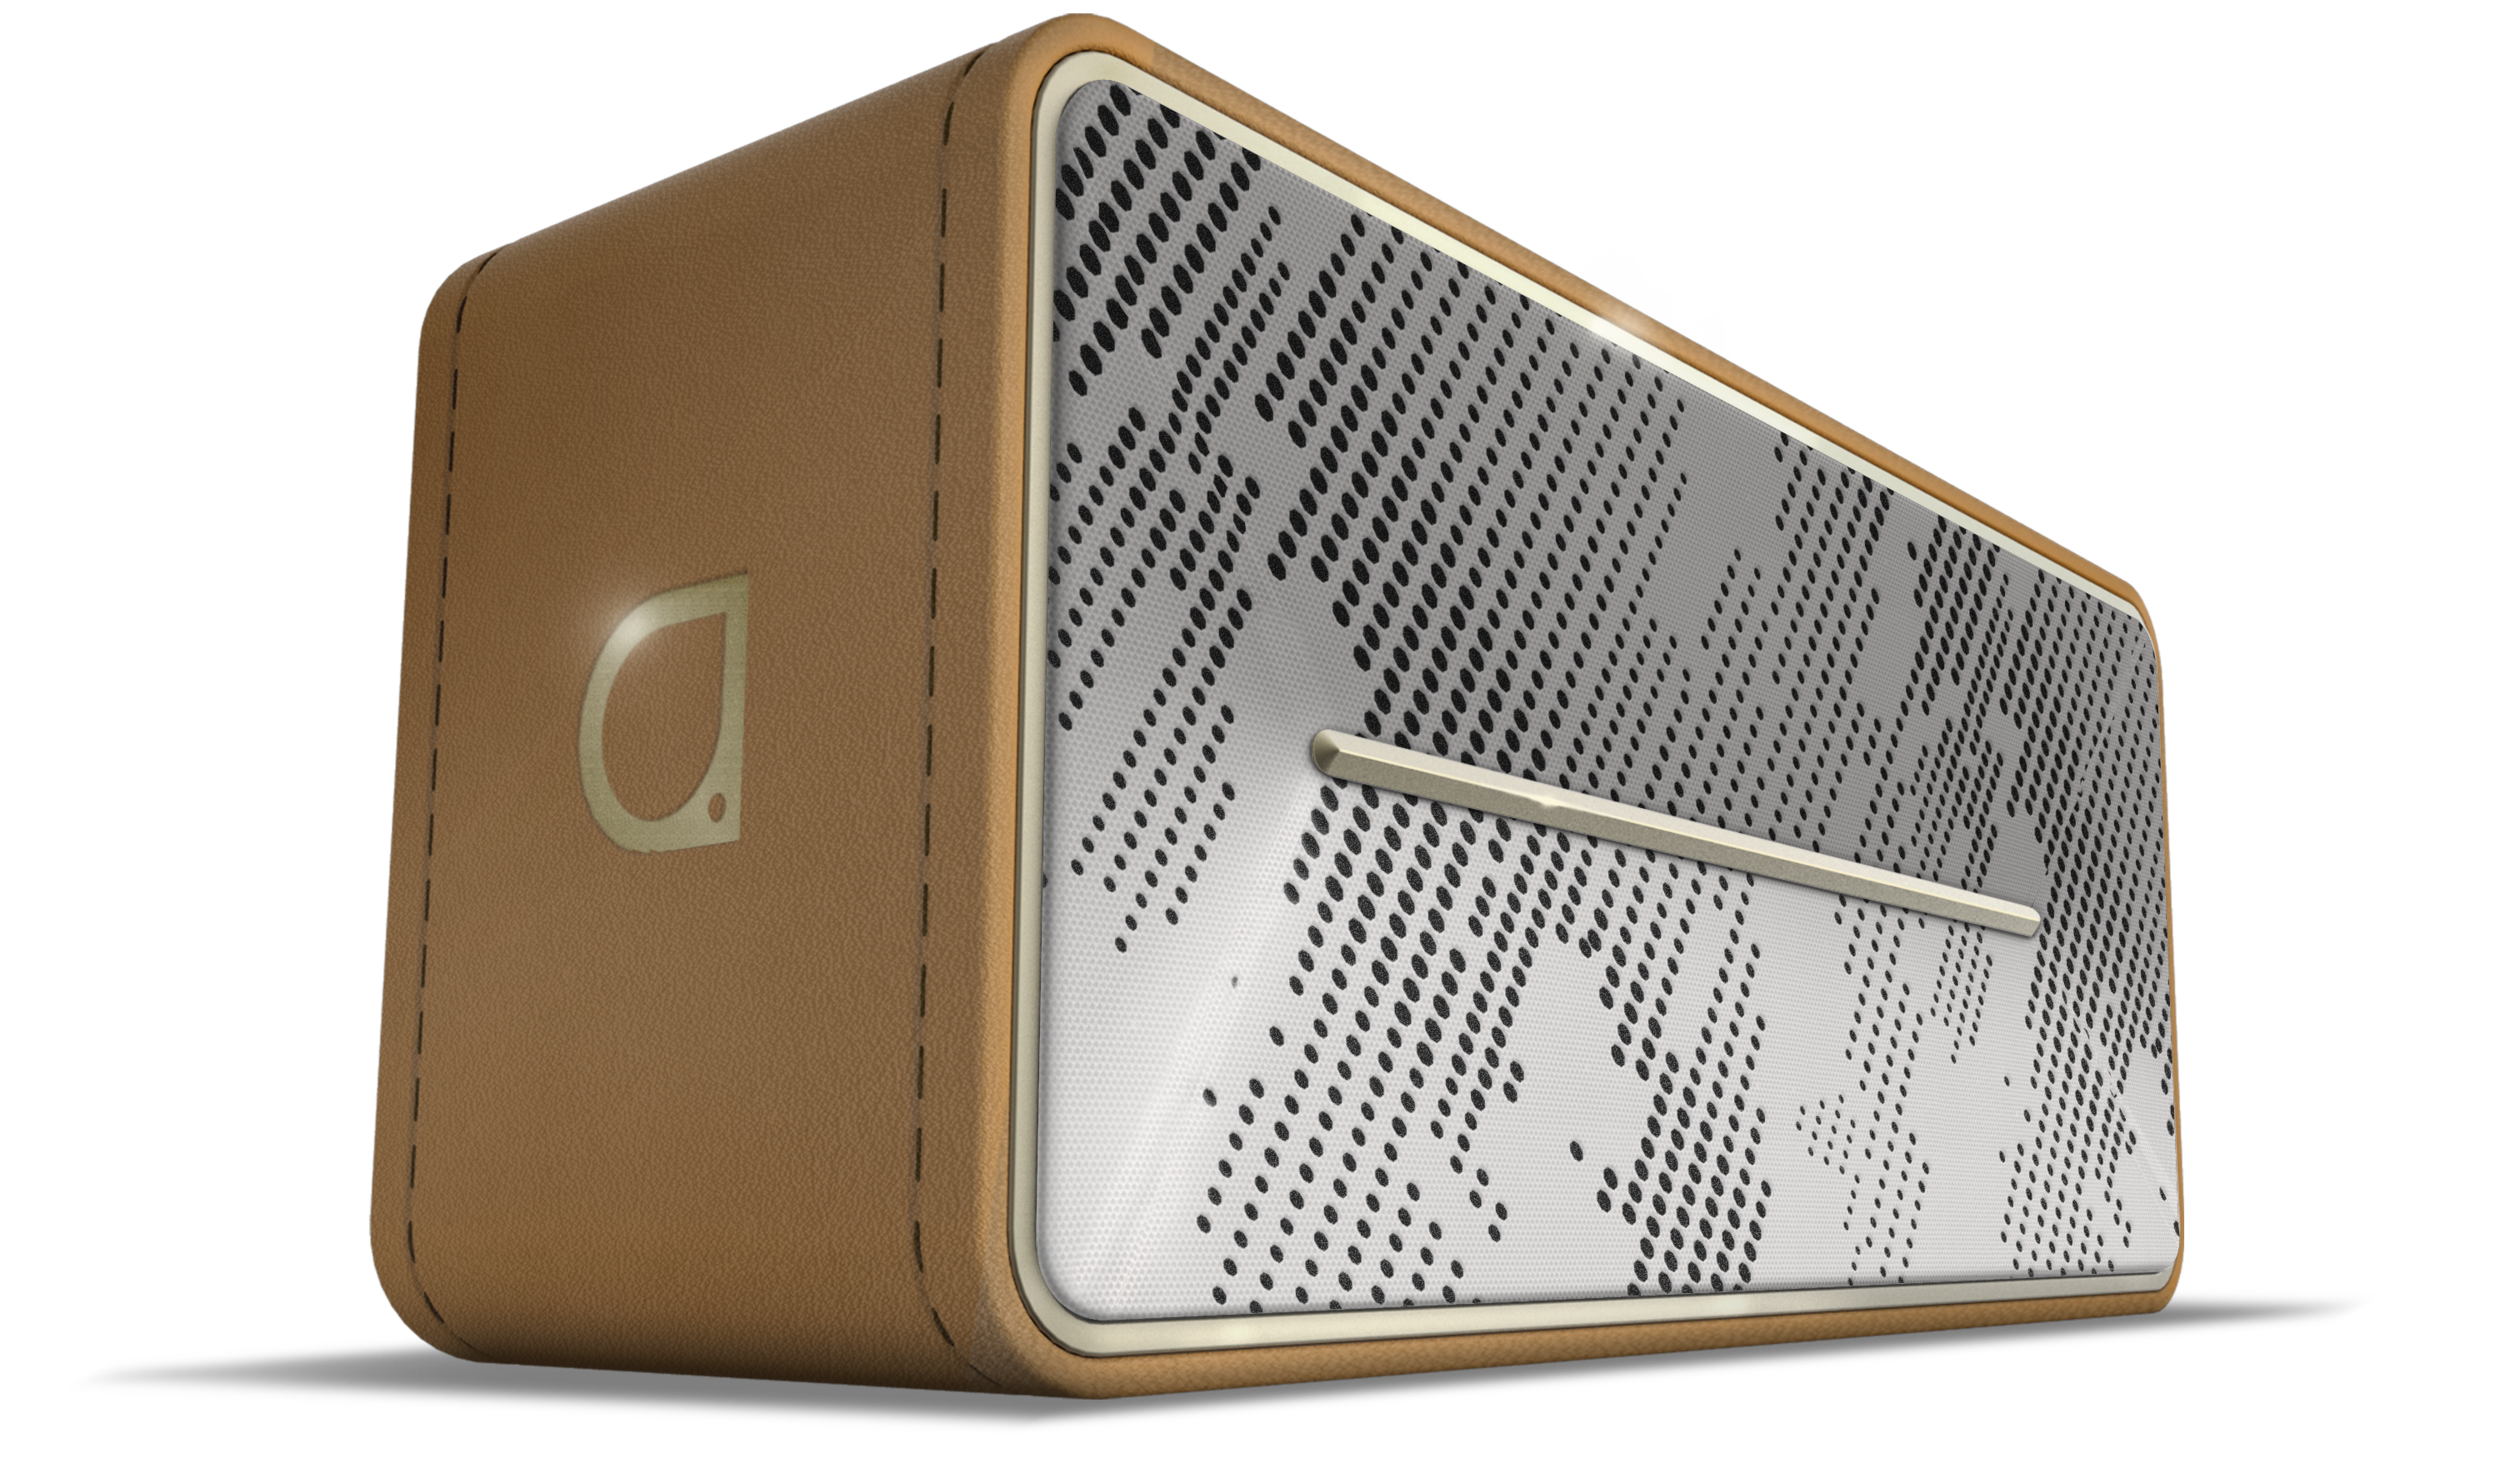 MGD Michel Guy Design Outdoor speaker